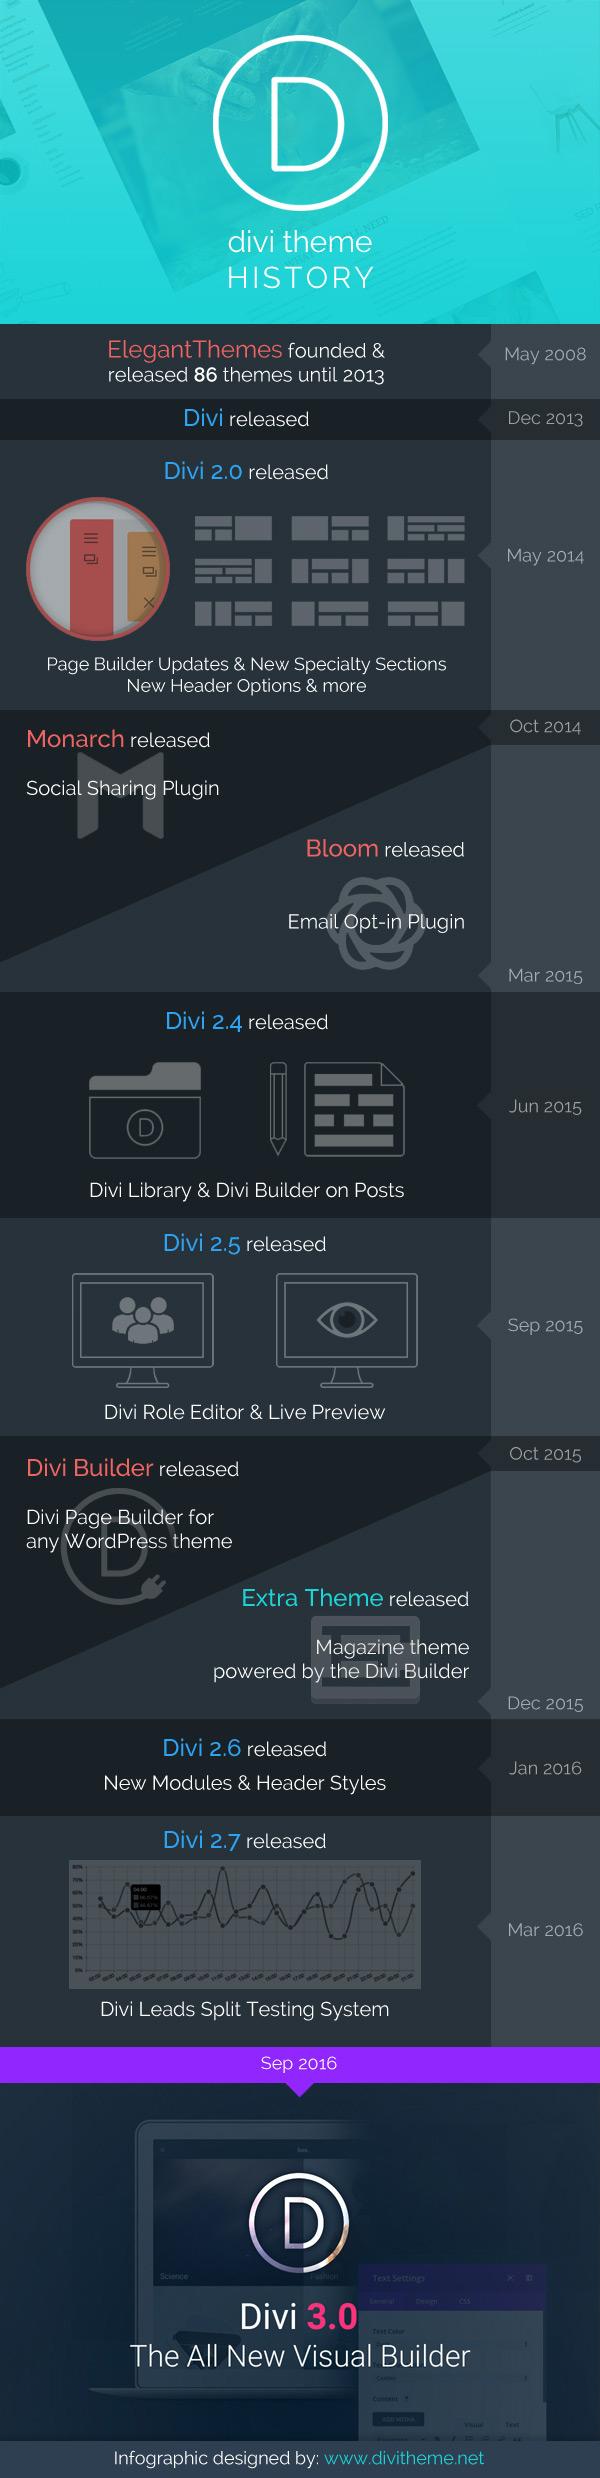 divi-3-infographic